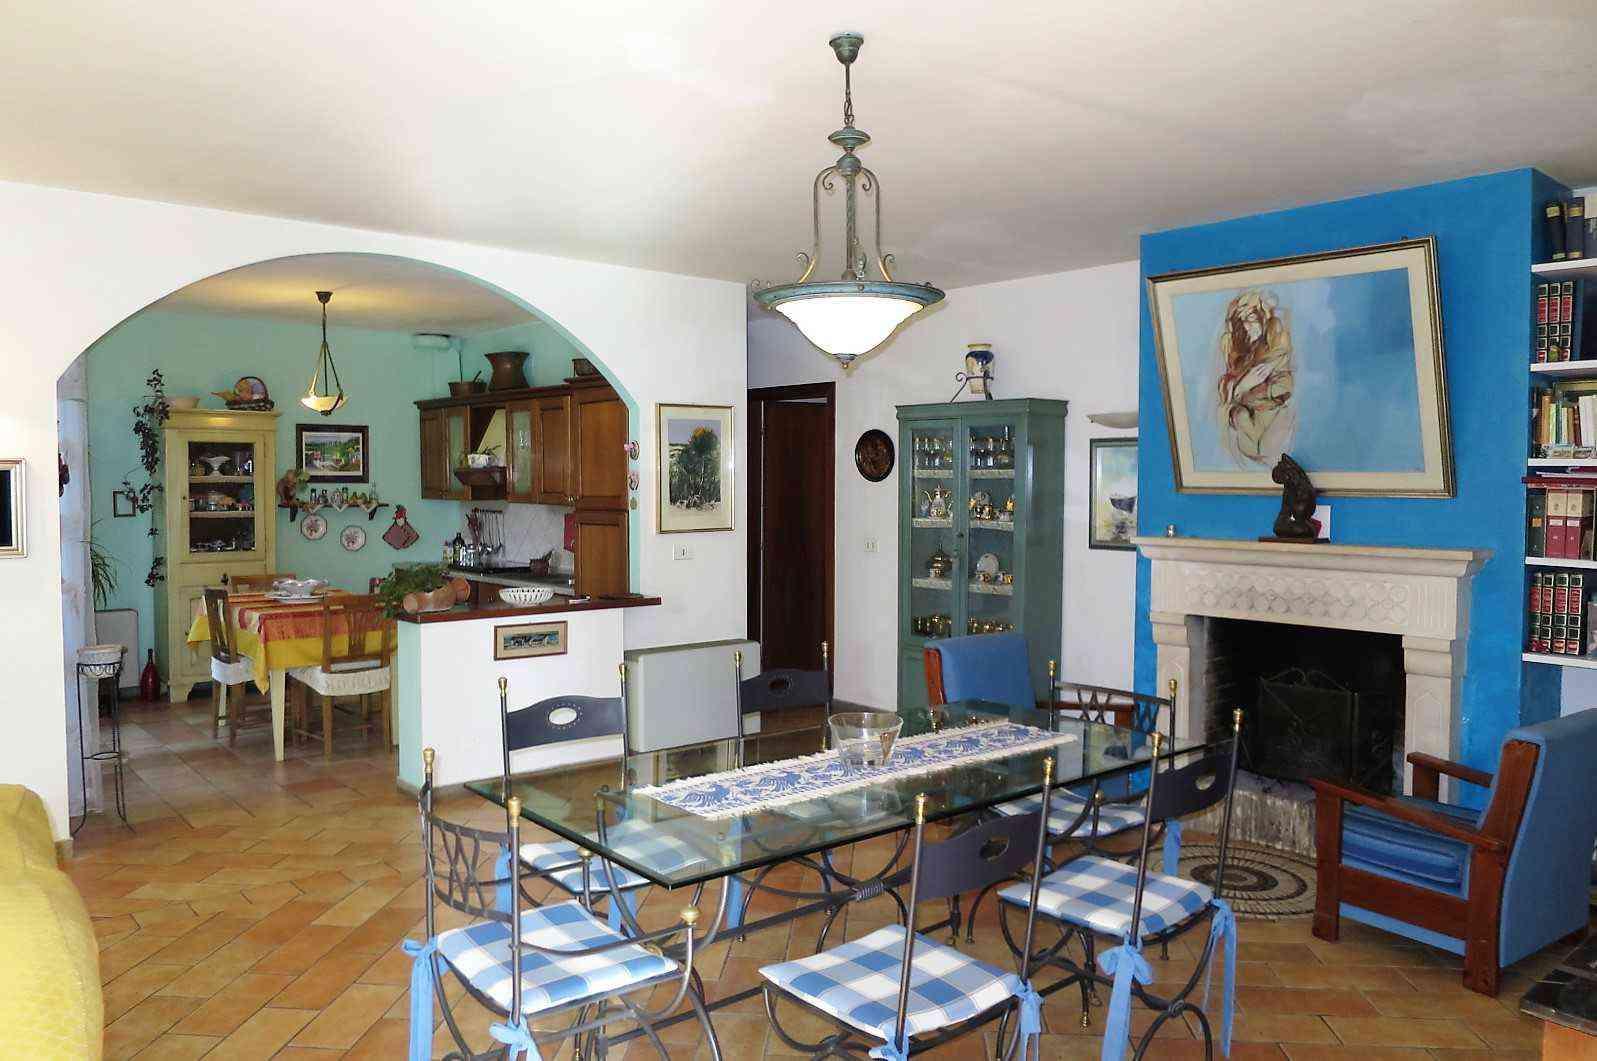 Villa Villa for sale Atri (TE), Villa Paola - Atri - EUR 473.281 100